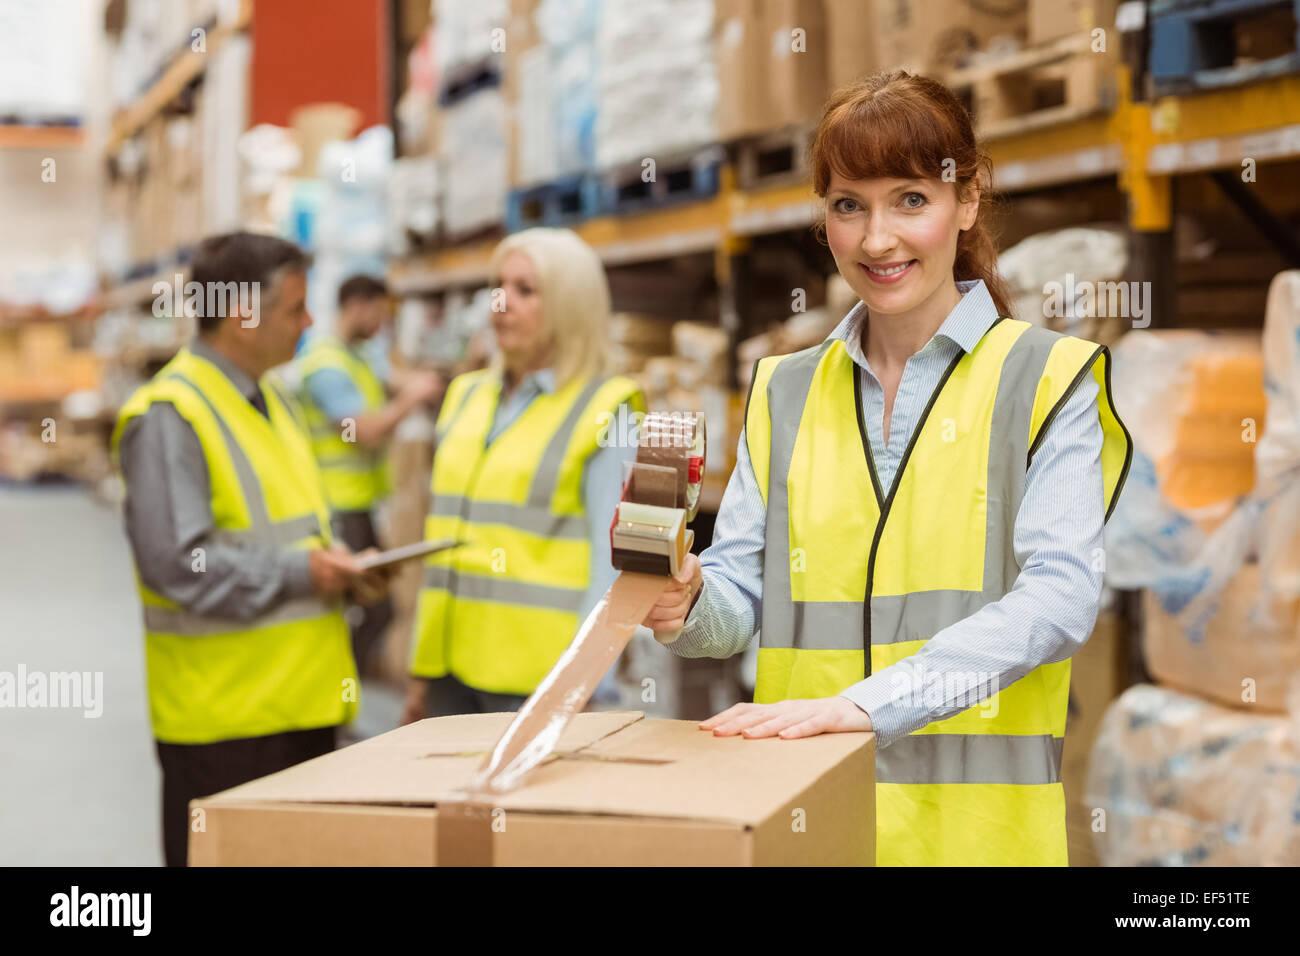 Les employés de l'entrepôt souriant la préparation d'une expédition Photo Stock